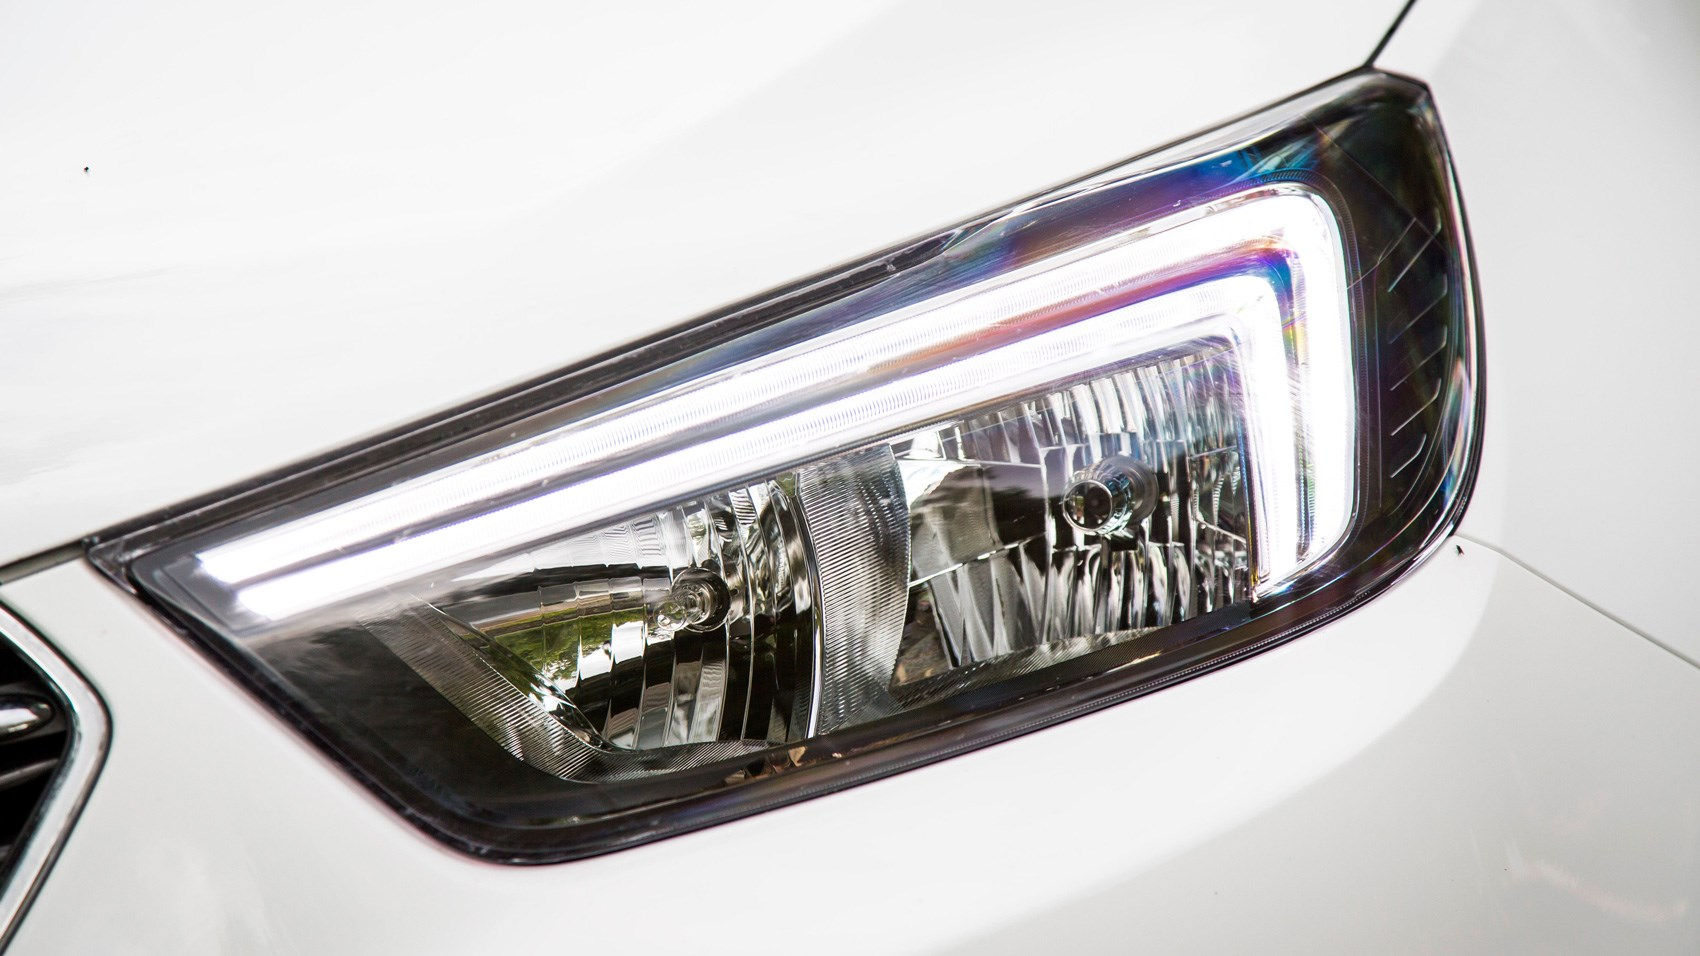 Vauxhall Mokka X headlight